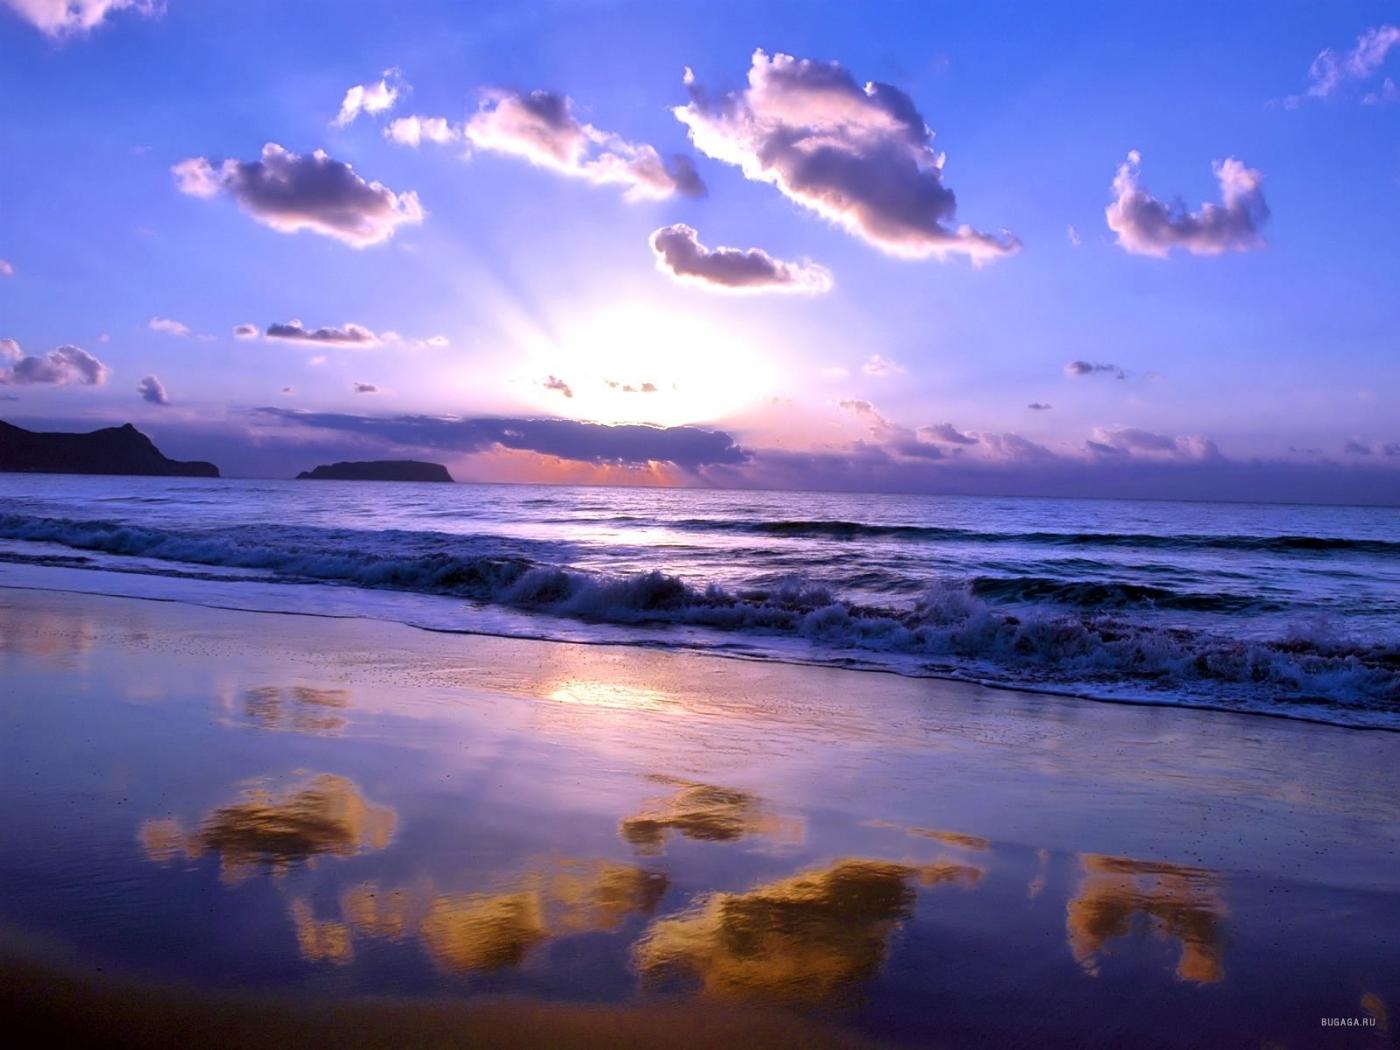 24389 скачать обои Пейзаж, Закат, Море, Облака, Волны, Пляж - заставки и картинки бесплатно